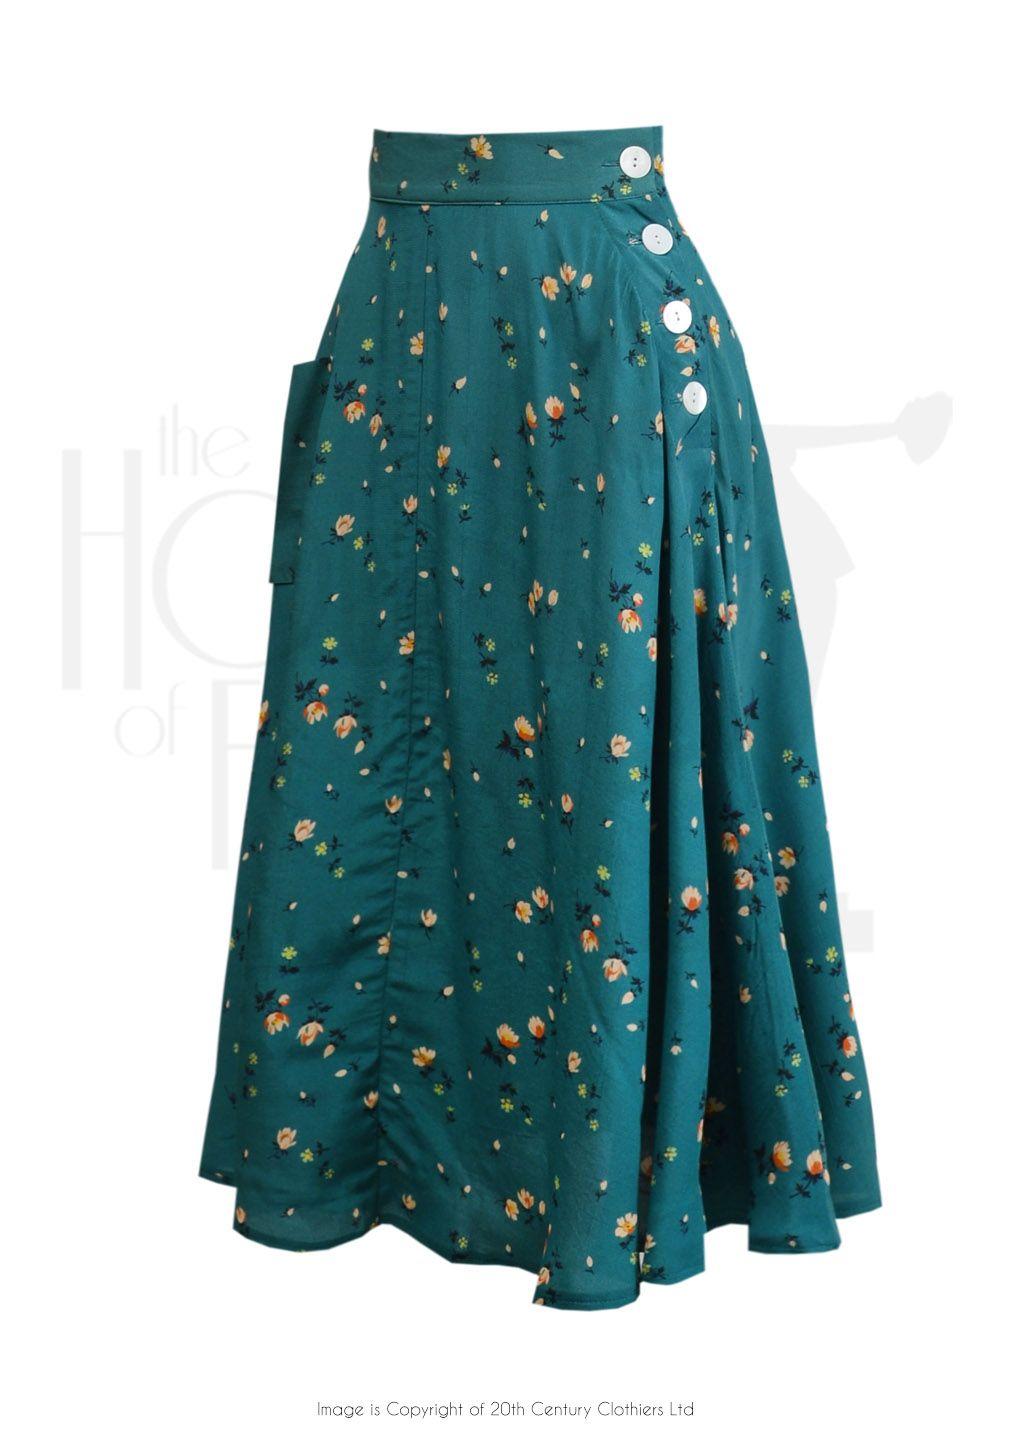 S style whirlaway swing dance skirt in spring garden modern